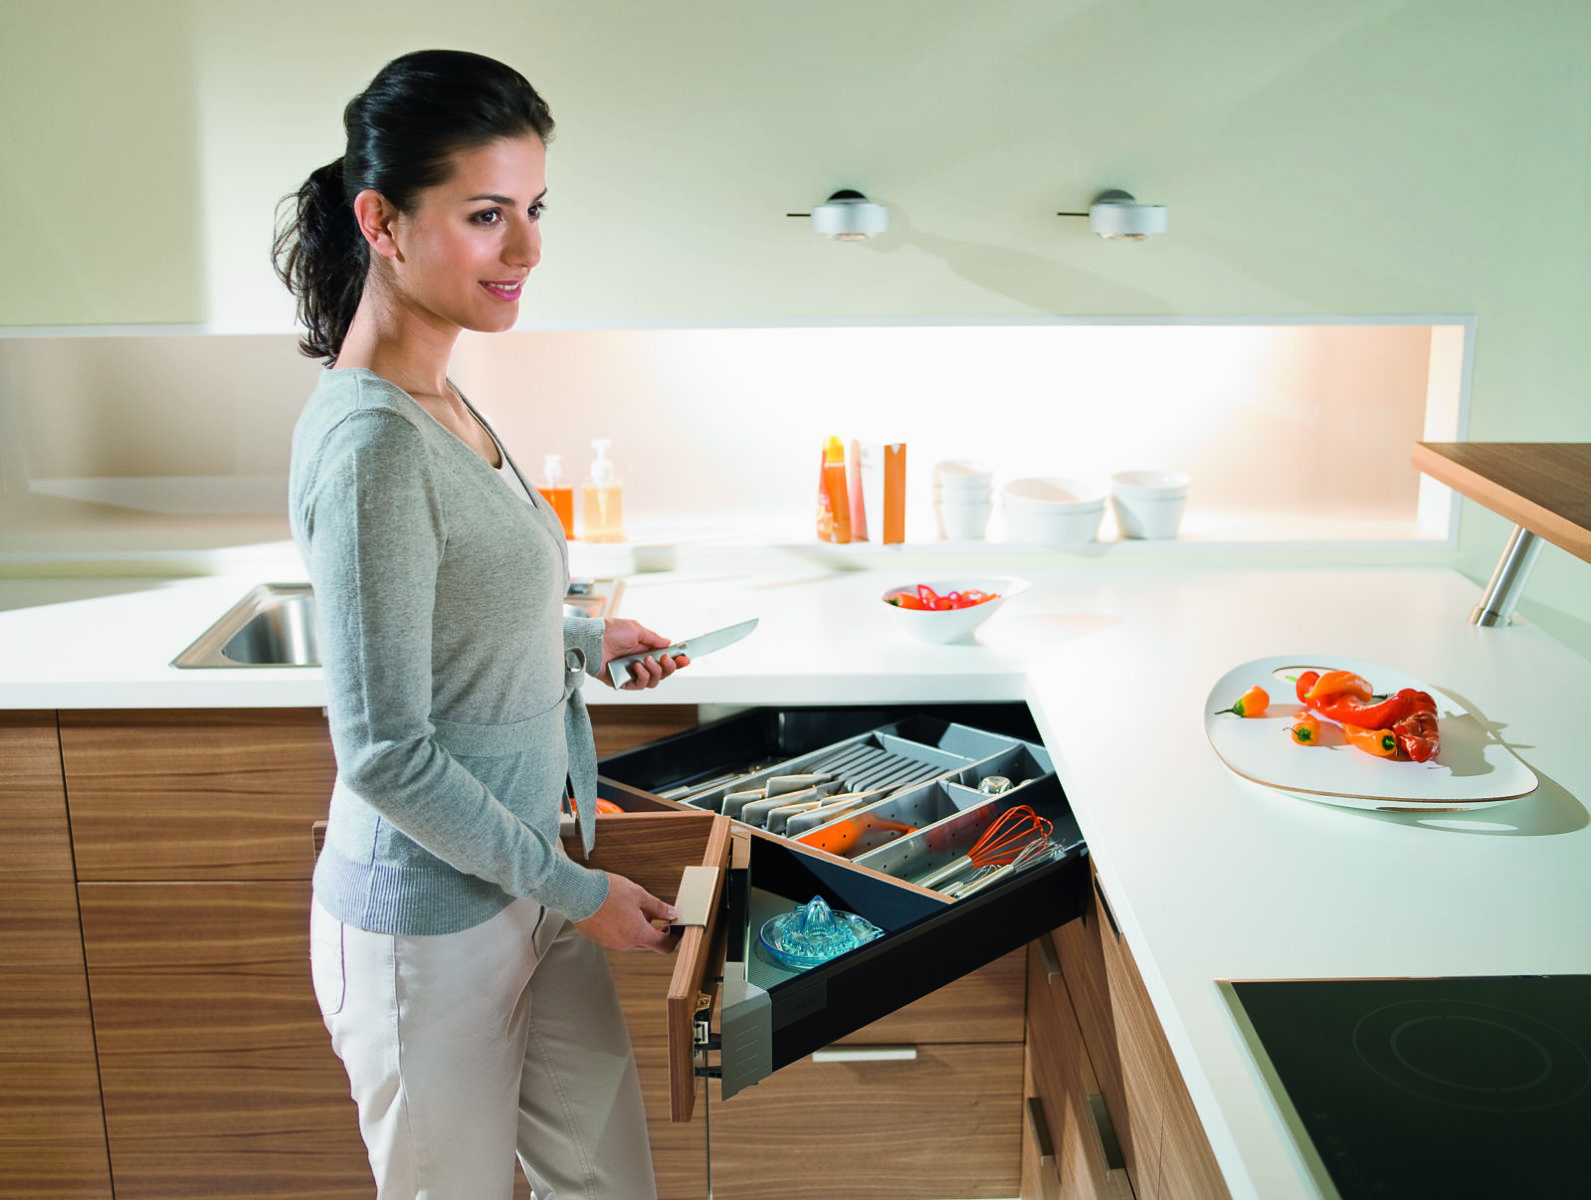 Кутова шухляда це зручно і практично. Дизайн та практичність головна риса меблів з фурнітурою Блюм